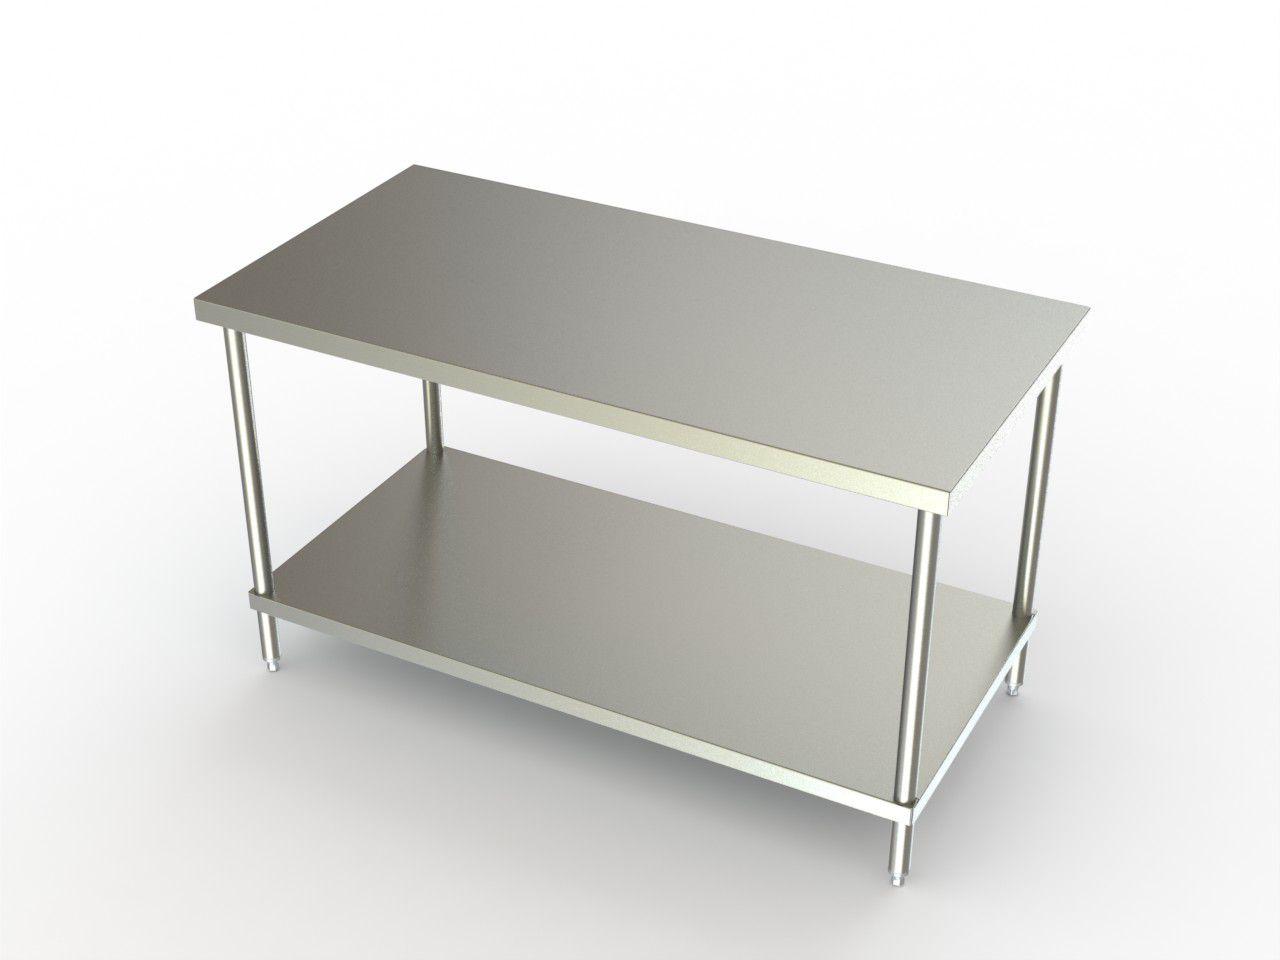 aero work tables with stainless steel shelf w shelf 30x60x35 each